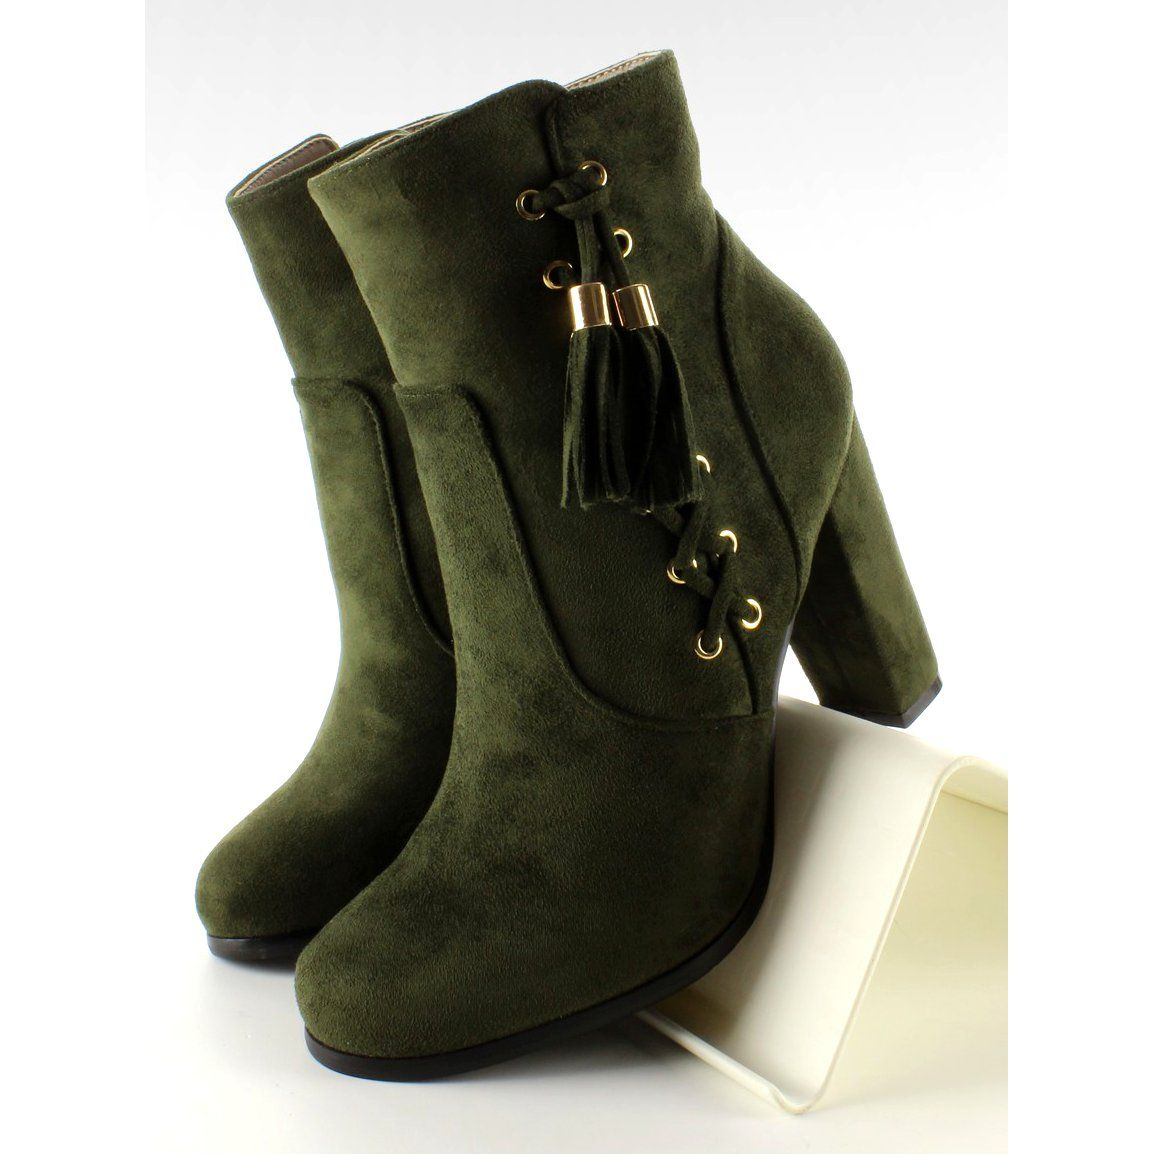 Botki Damskie Obuwiedamskie Zielone Botki Zamsz Ozdobnie Sznurowane A917bot Obuwie Damskie Shoes Boots Handbag Shoes